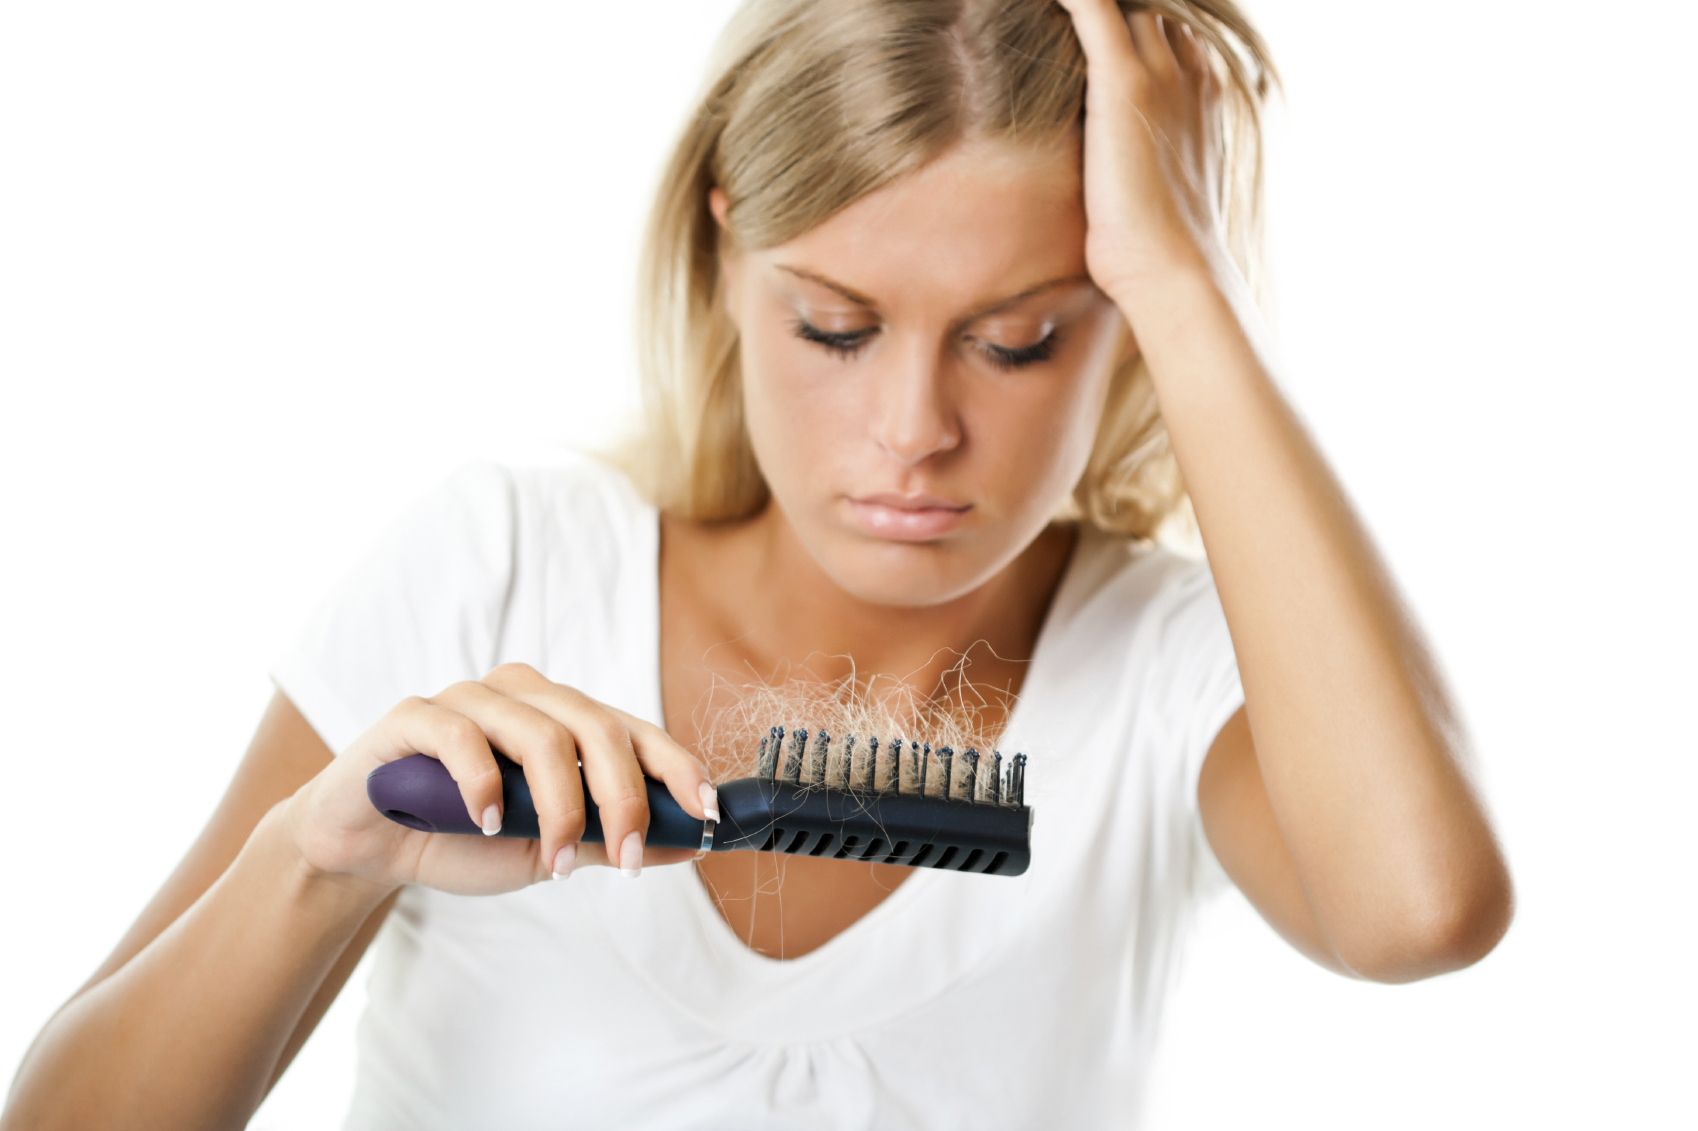 capelli_perdita